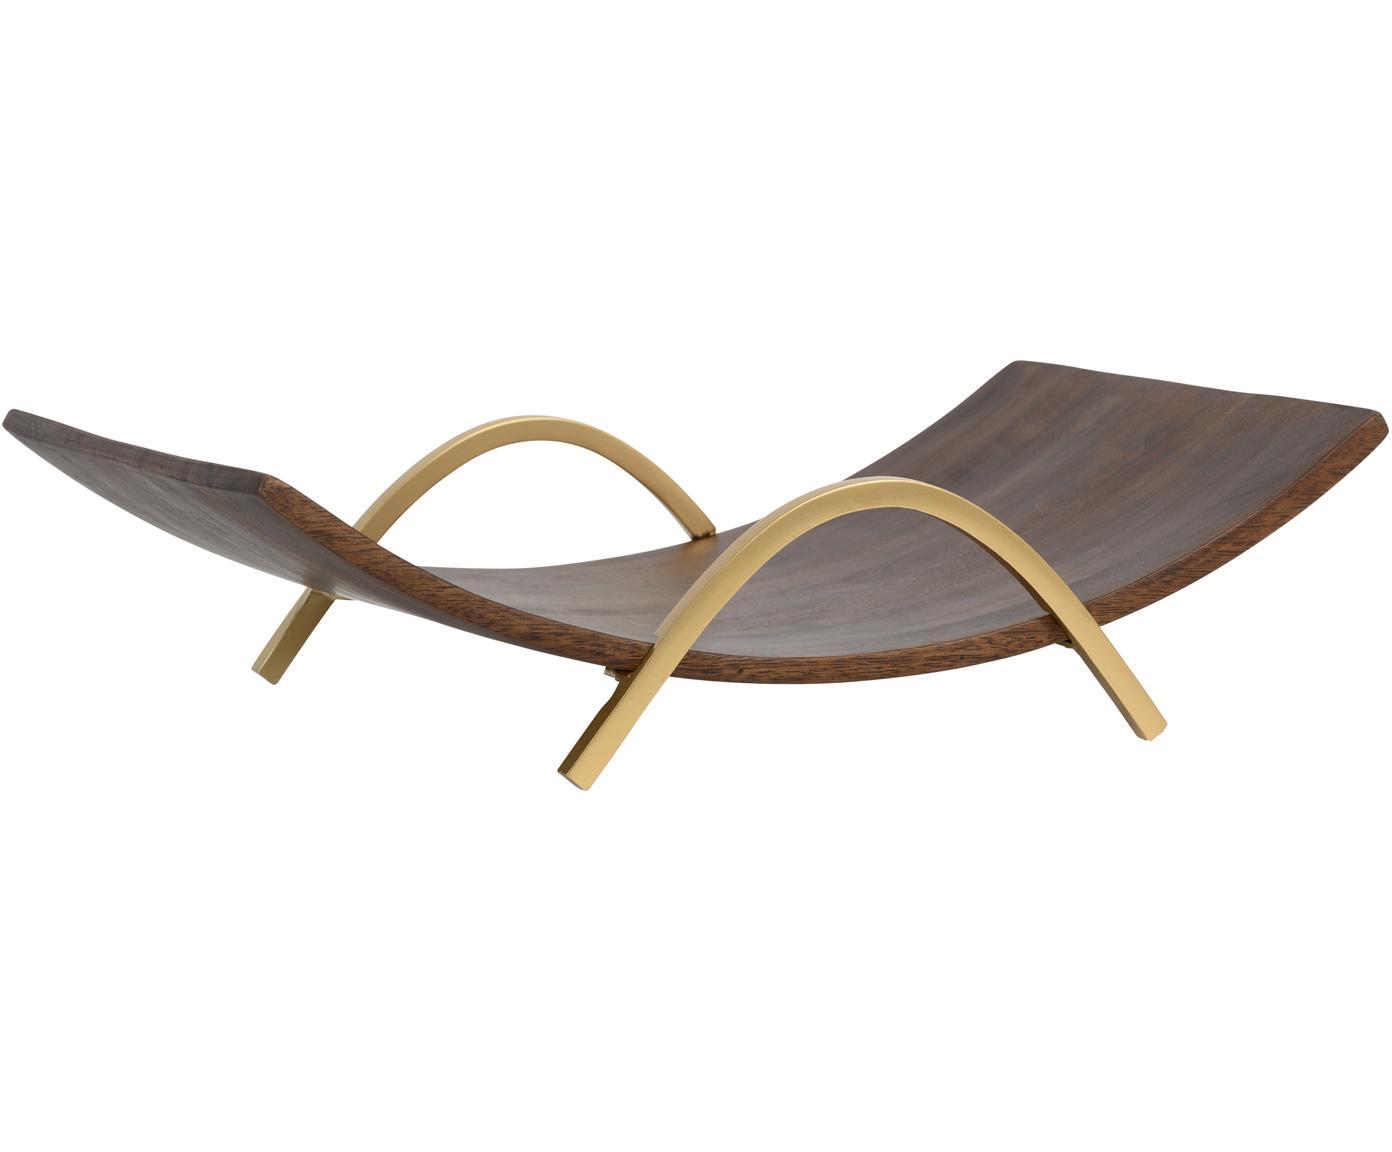 Półmisek z drewna orzecha włoskiego Expose, Drewno mangowe, metal, Drewno orzecha włoskiego, odcienie mosiądzu, S 40 x W 11 cm